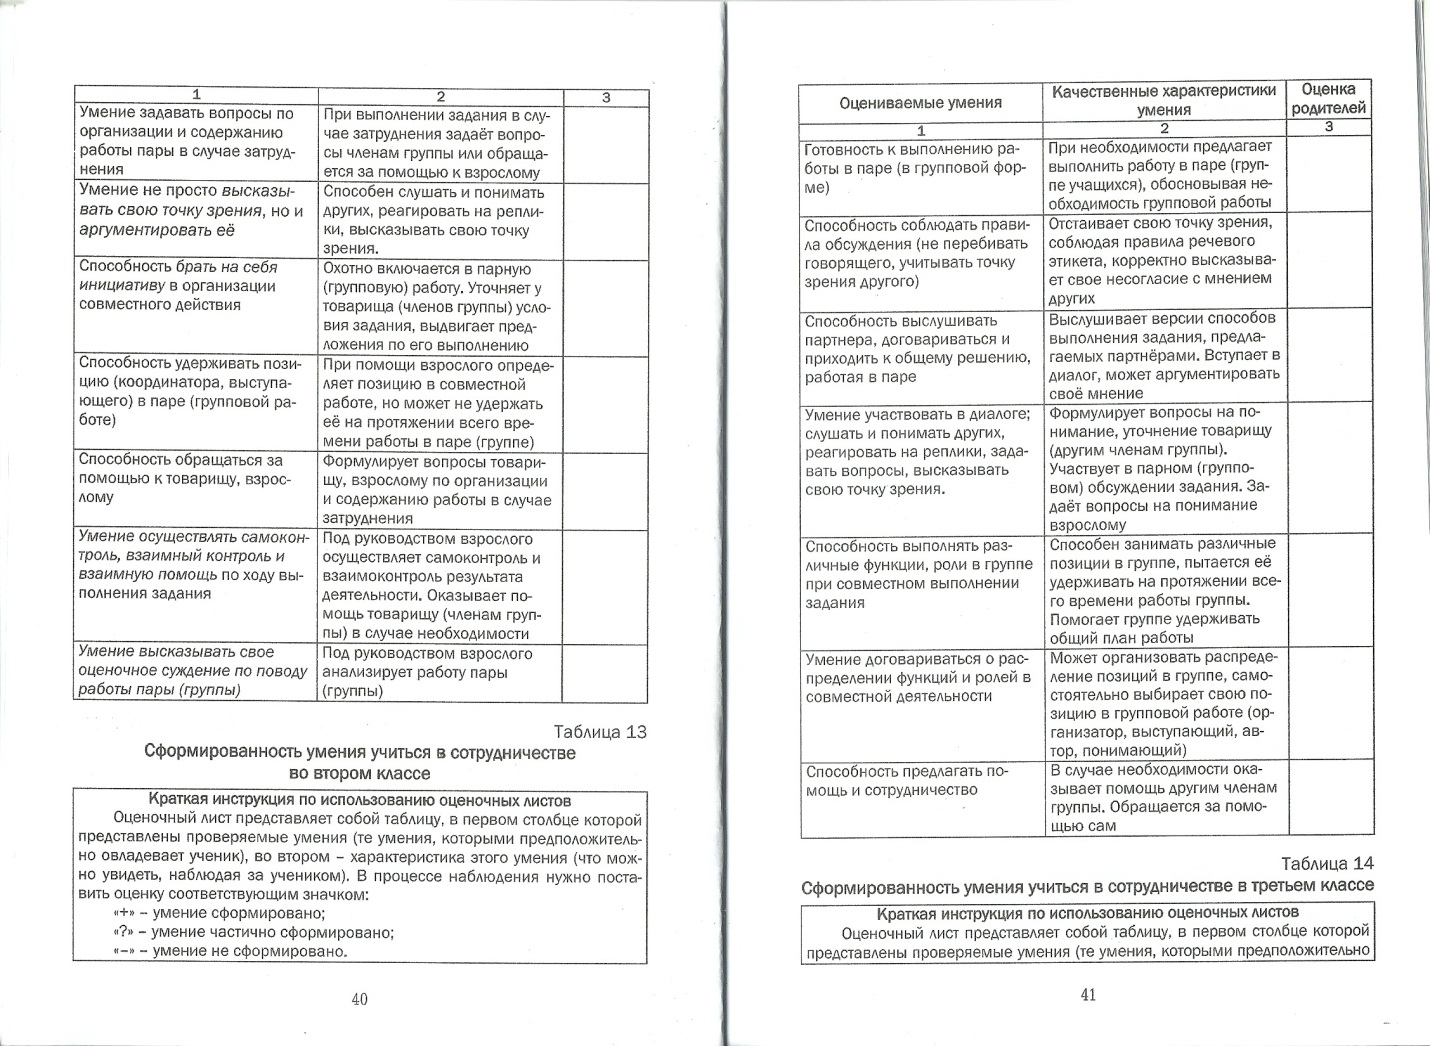 C:\Users\Ирина\Desktop\рабочие программы 1 класс для проверки\привлечение родителей к оценке образовательных достижений младших школьников для совещания\2015-07 (июл)\сканирование0032.jpg